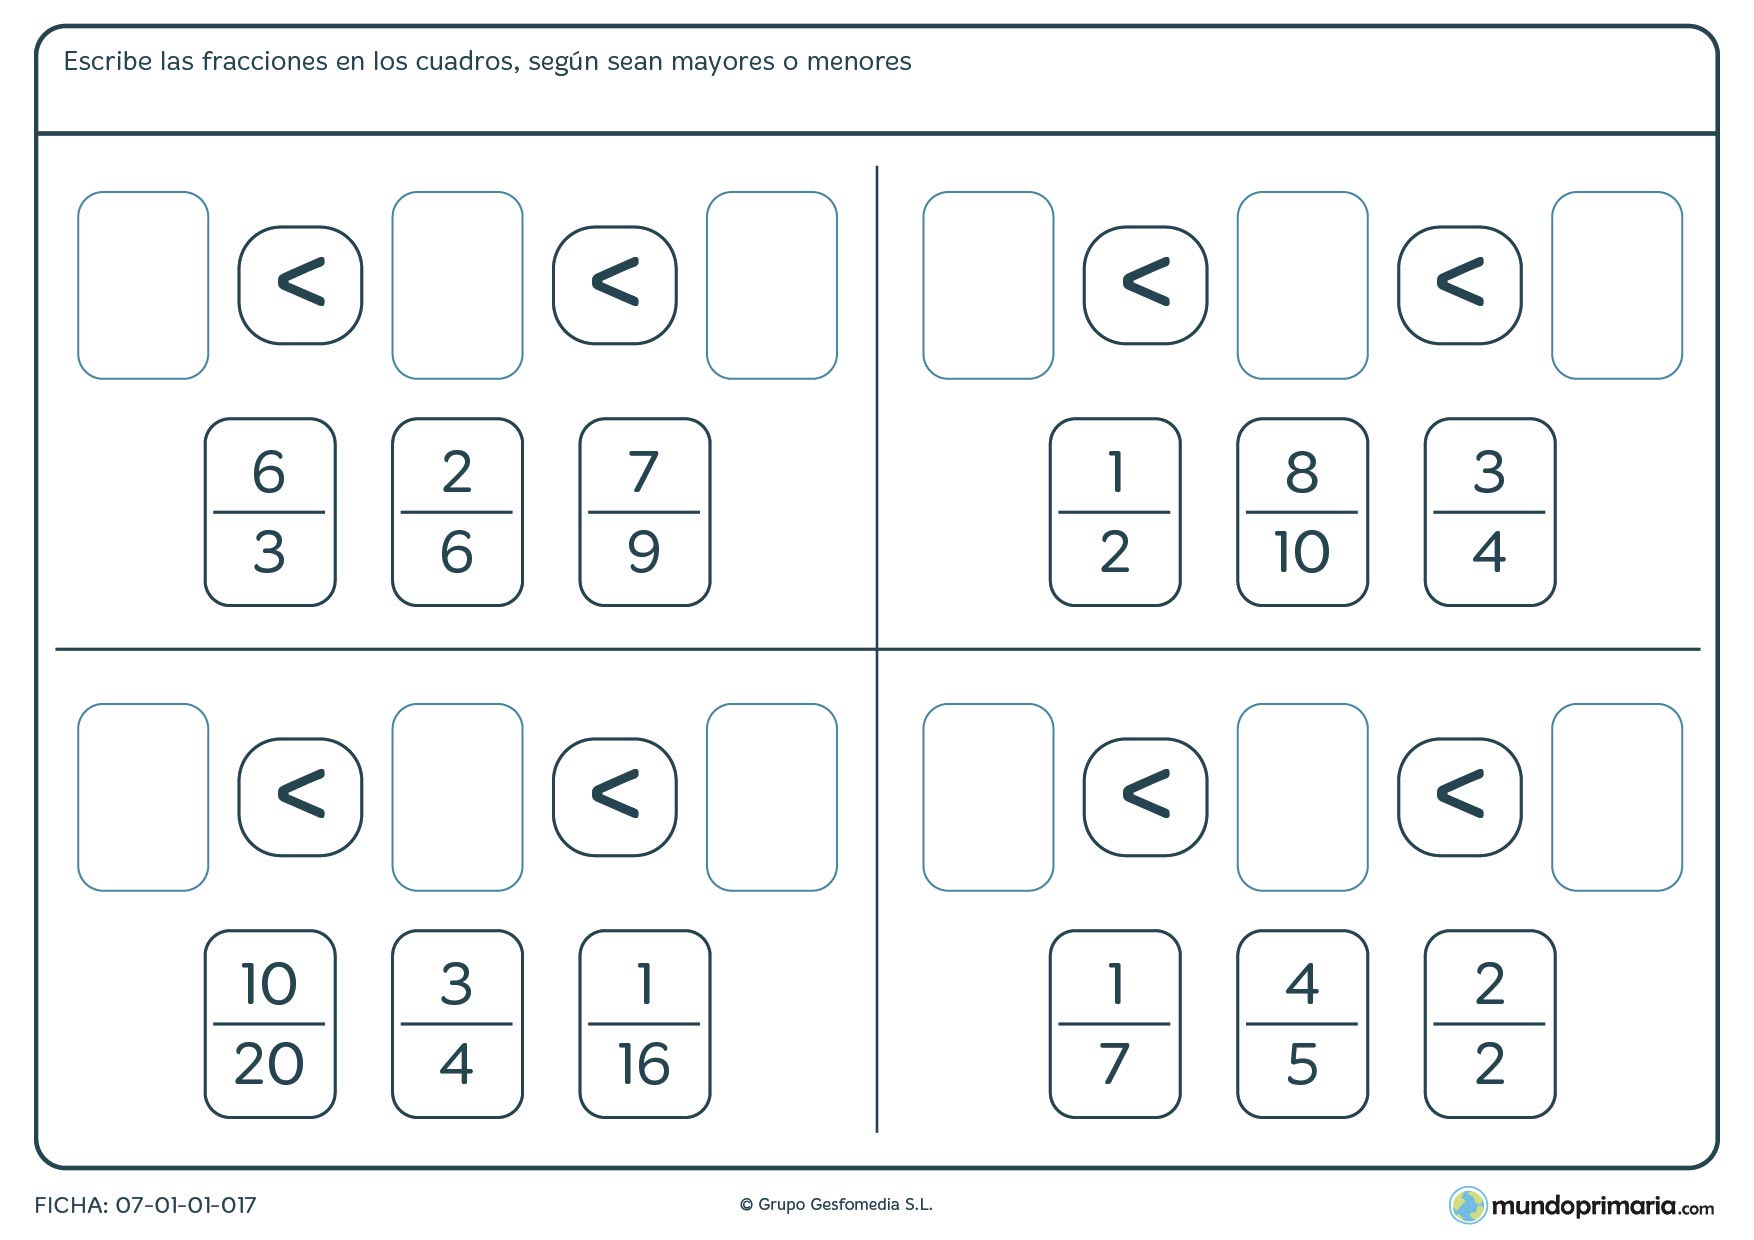 Ficha de coloca fracciones de menor a mayor en los espacios vacíos.